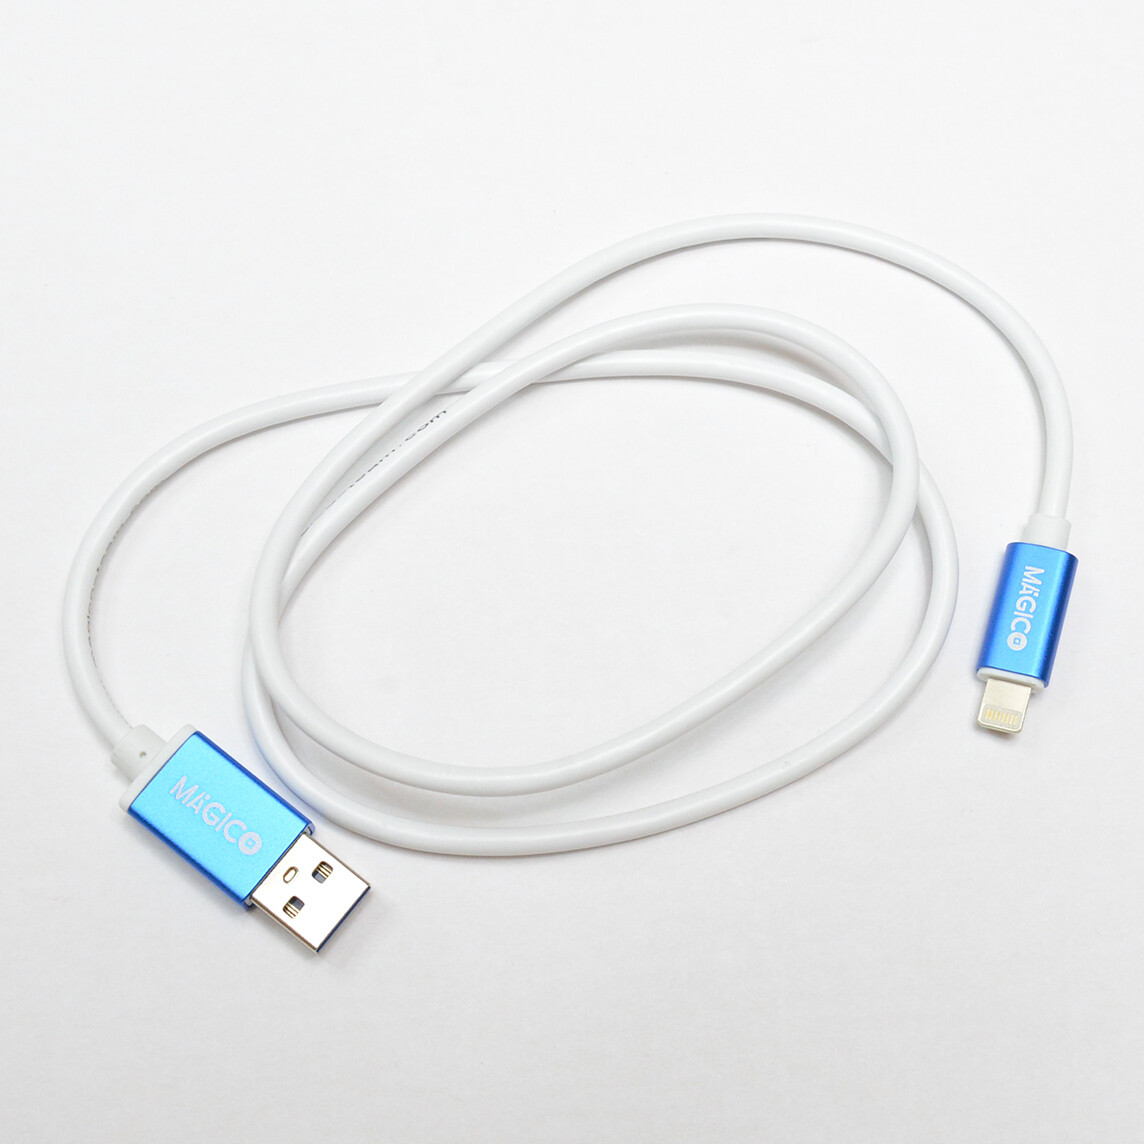 Cable magico restore easy para restaurar todos los iphone y ipad